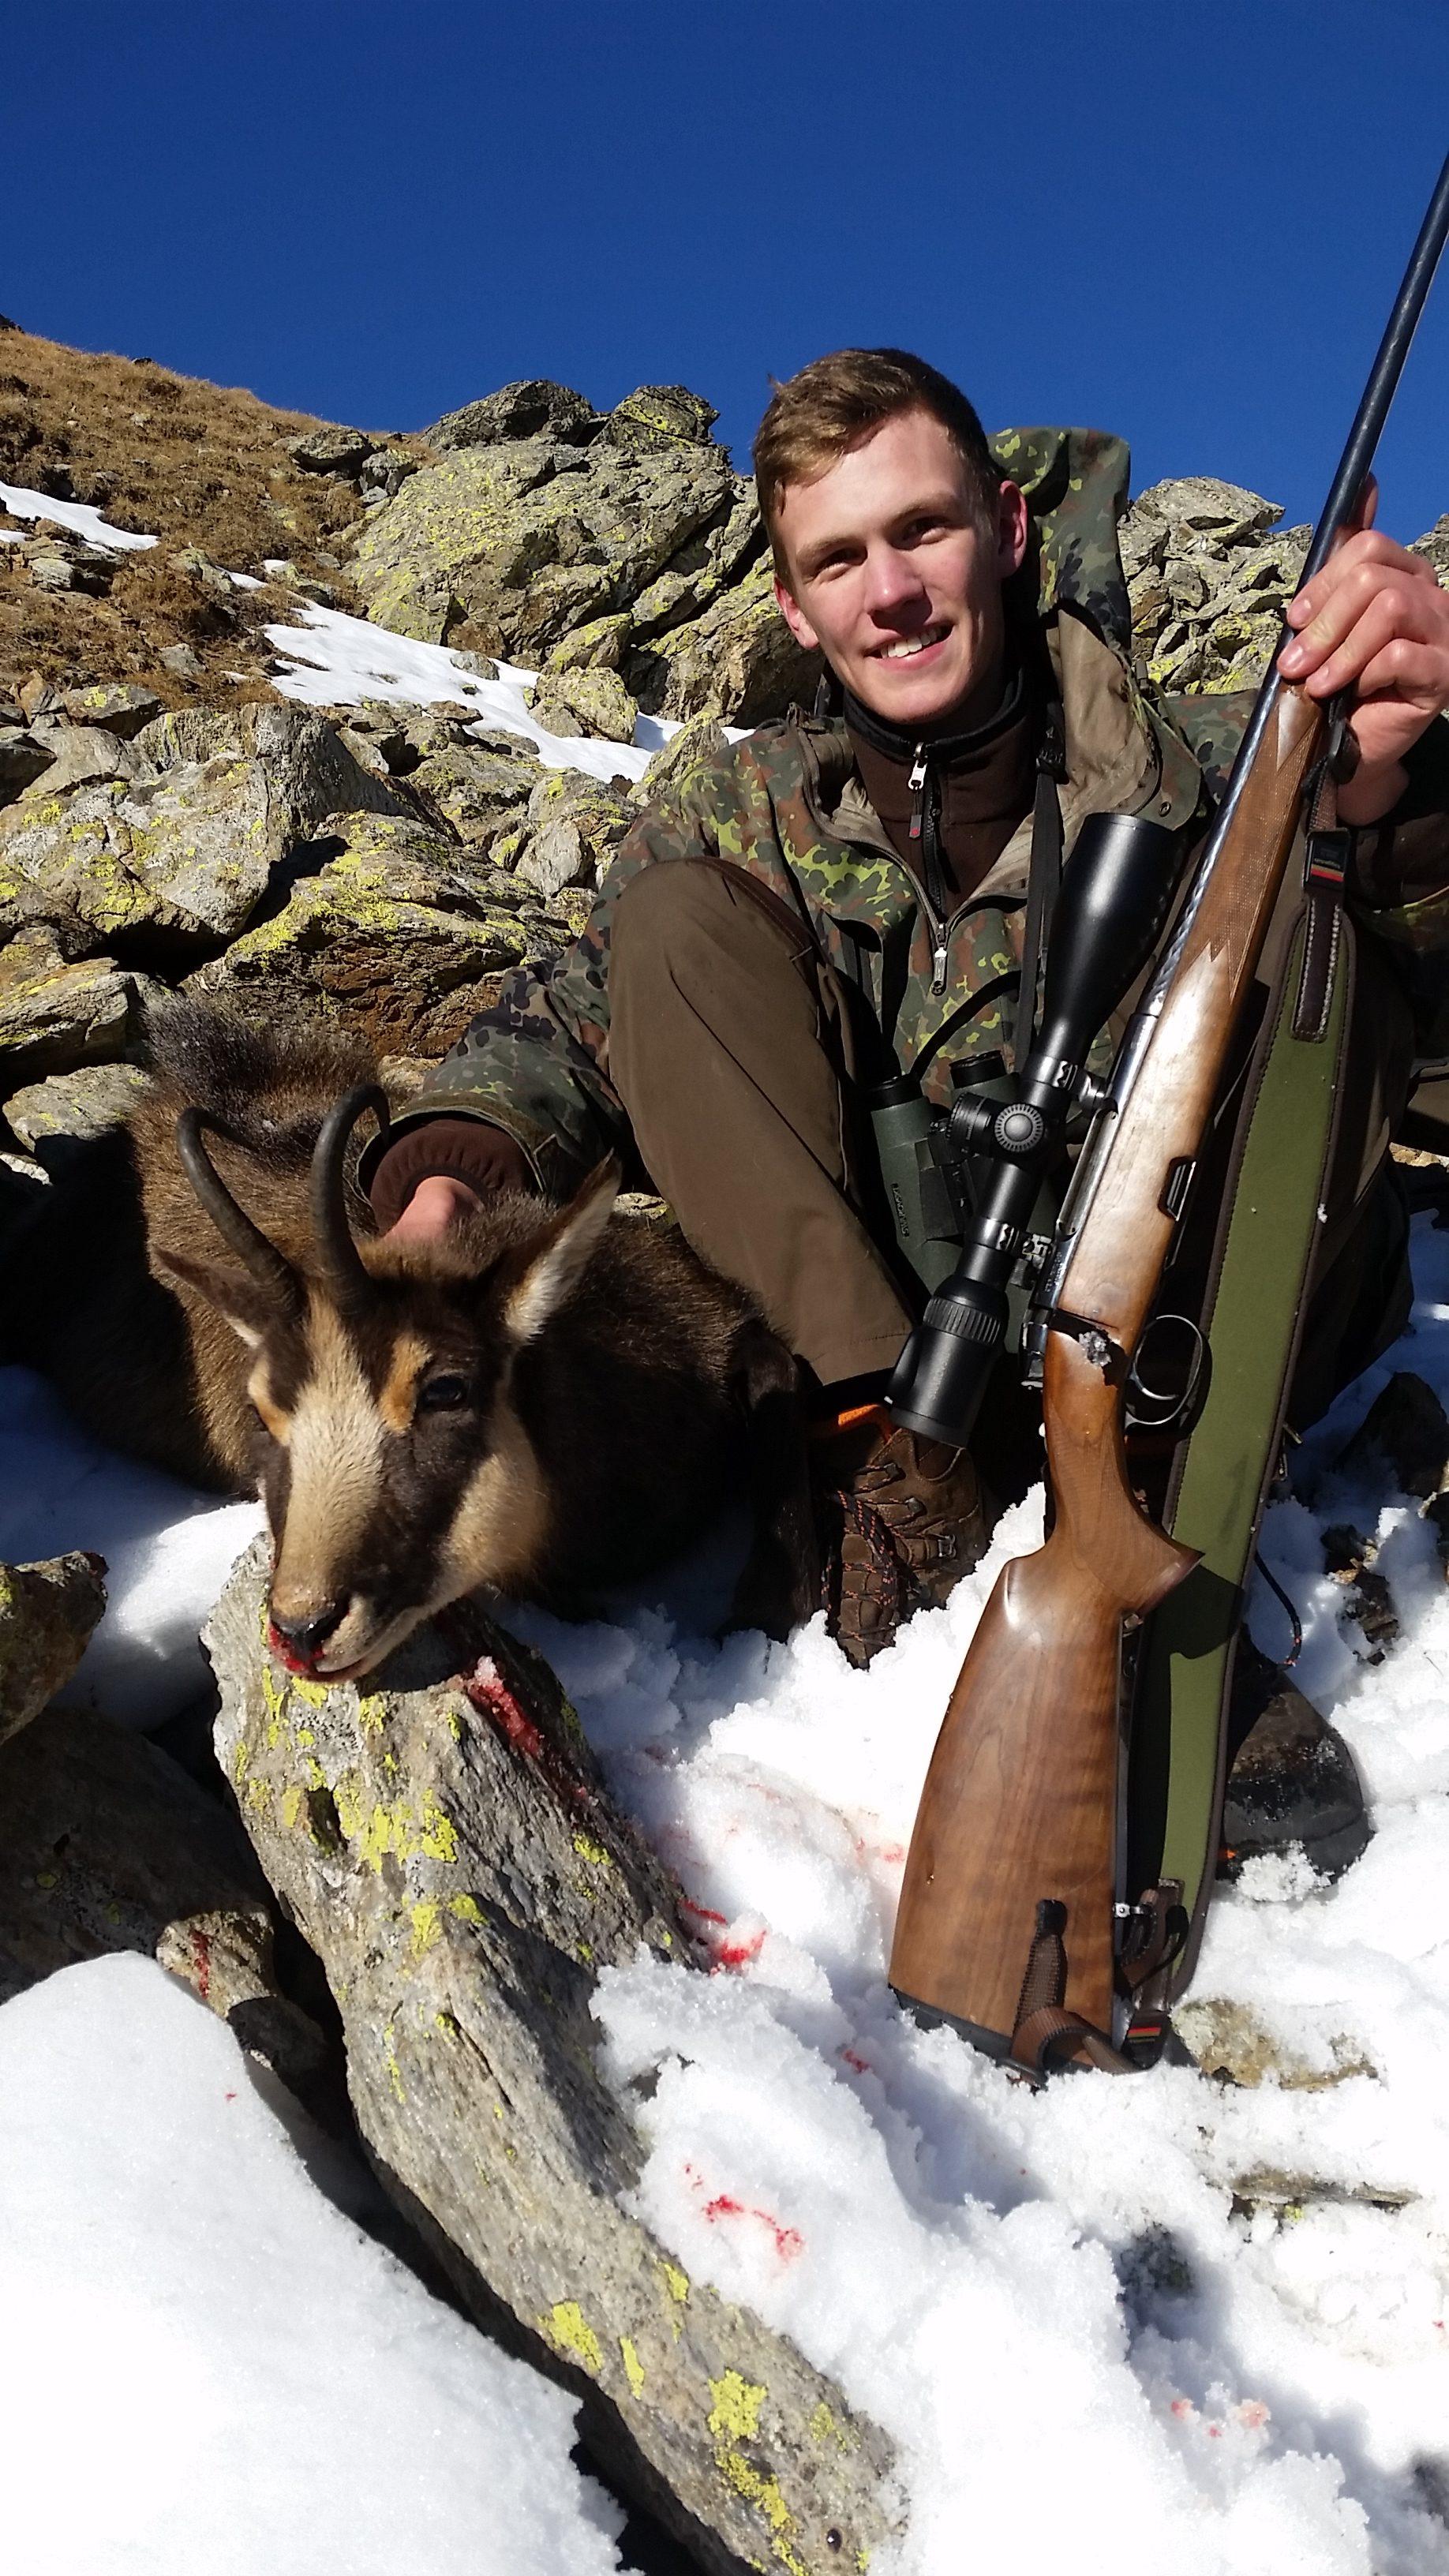 Der Gamsbock im Winterhaar soll zu einem Trägerpräperat verarbeitet werden. Eine tolle TROPHÄE! Jagd jagen jäger jaegermagazin Gamsjagd Wilddiebe